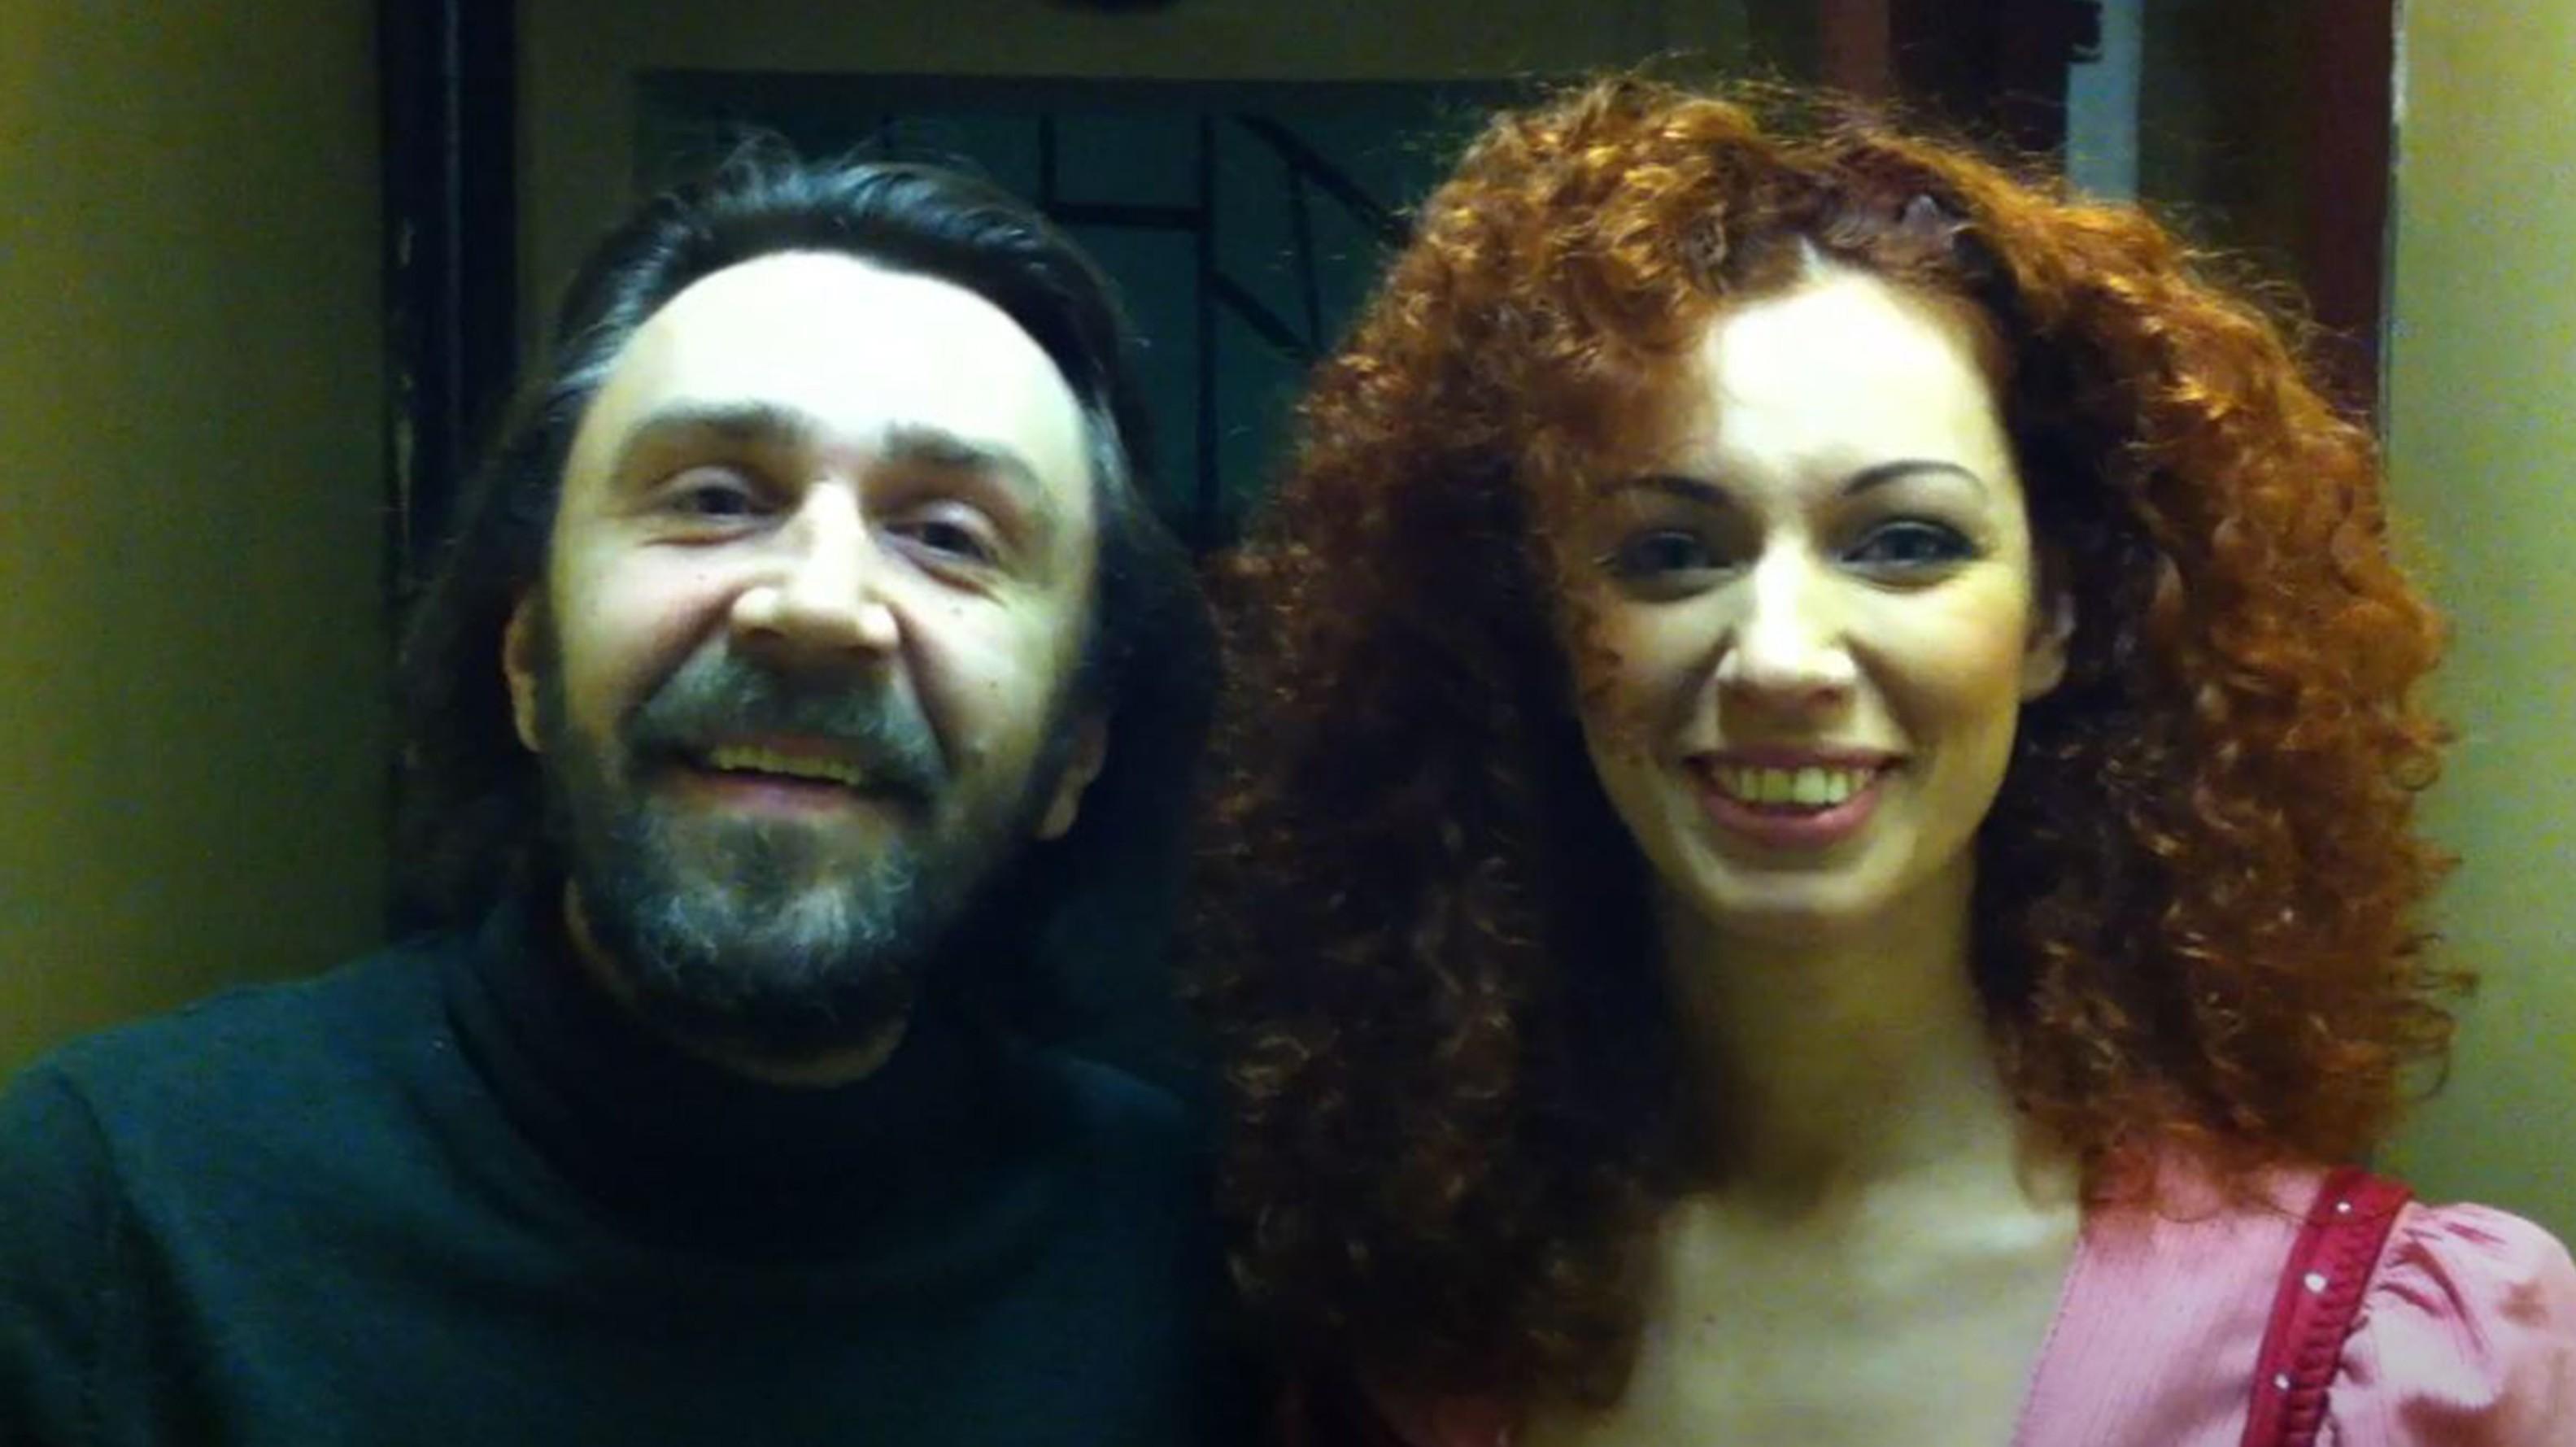 Юлия Коган порадовалась за Шнурова, который скоро станет отцом в третий раз